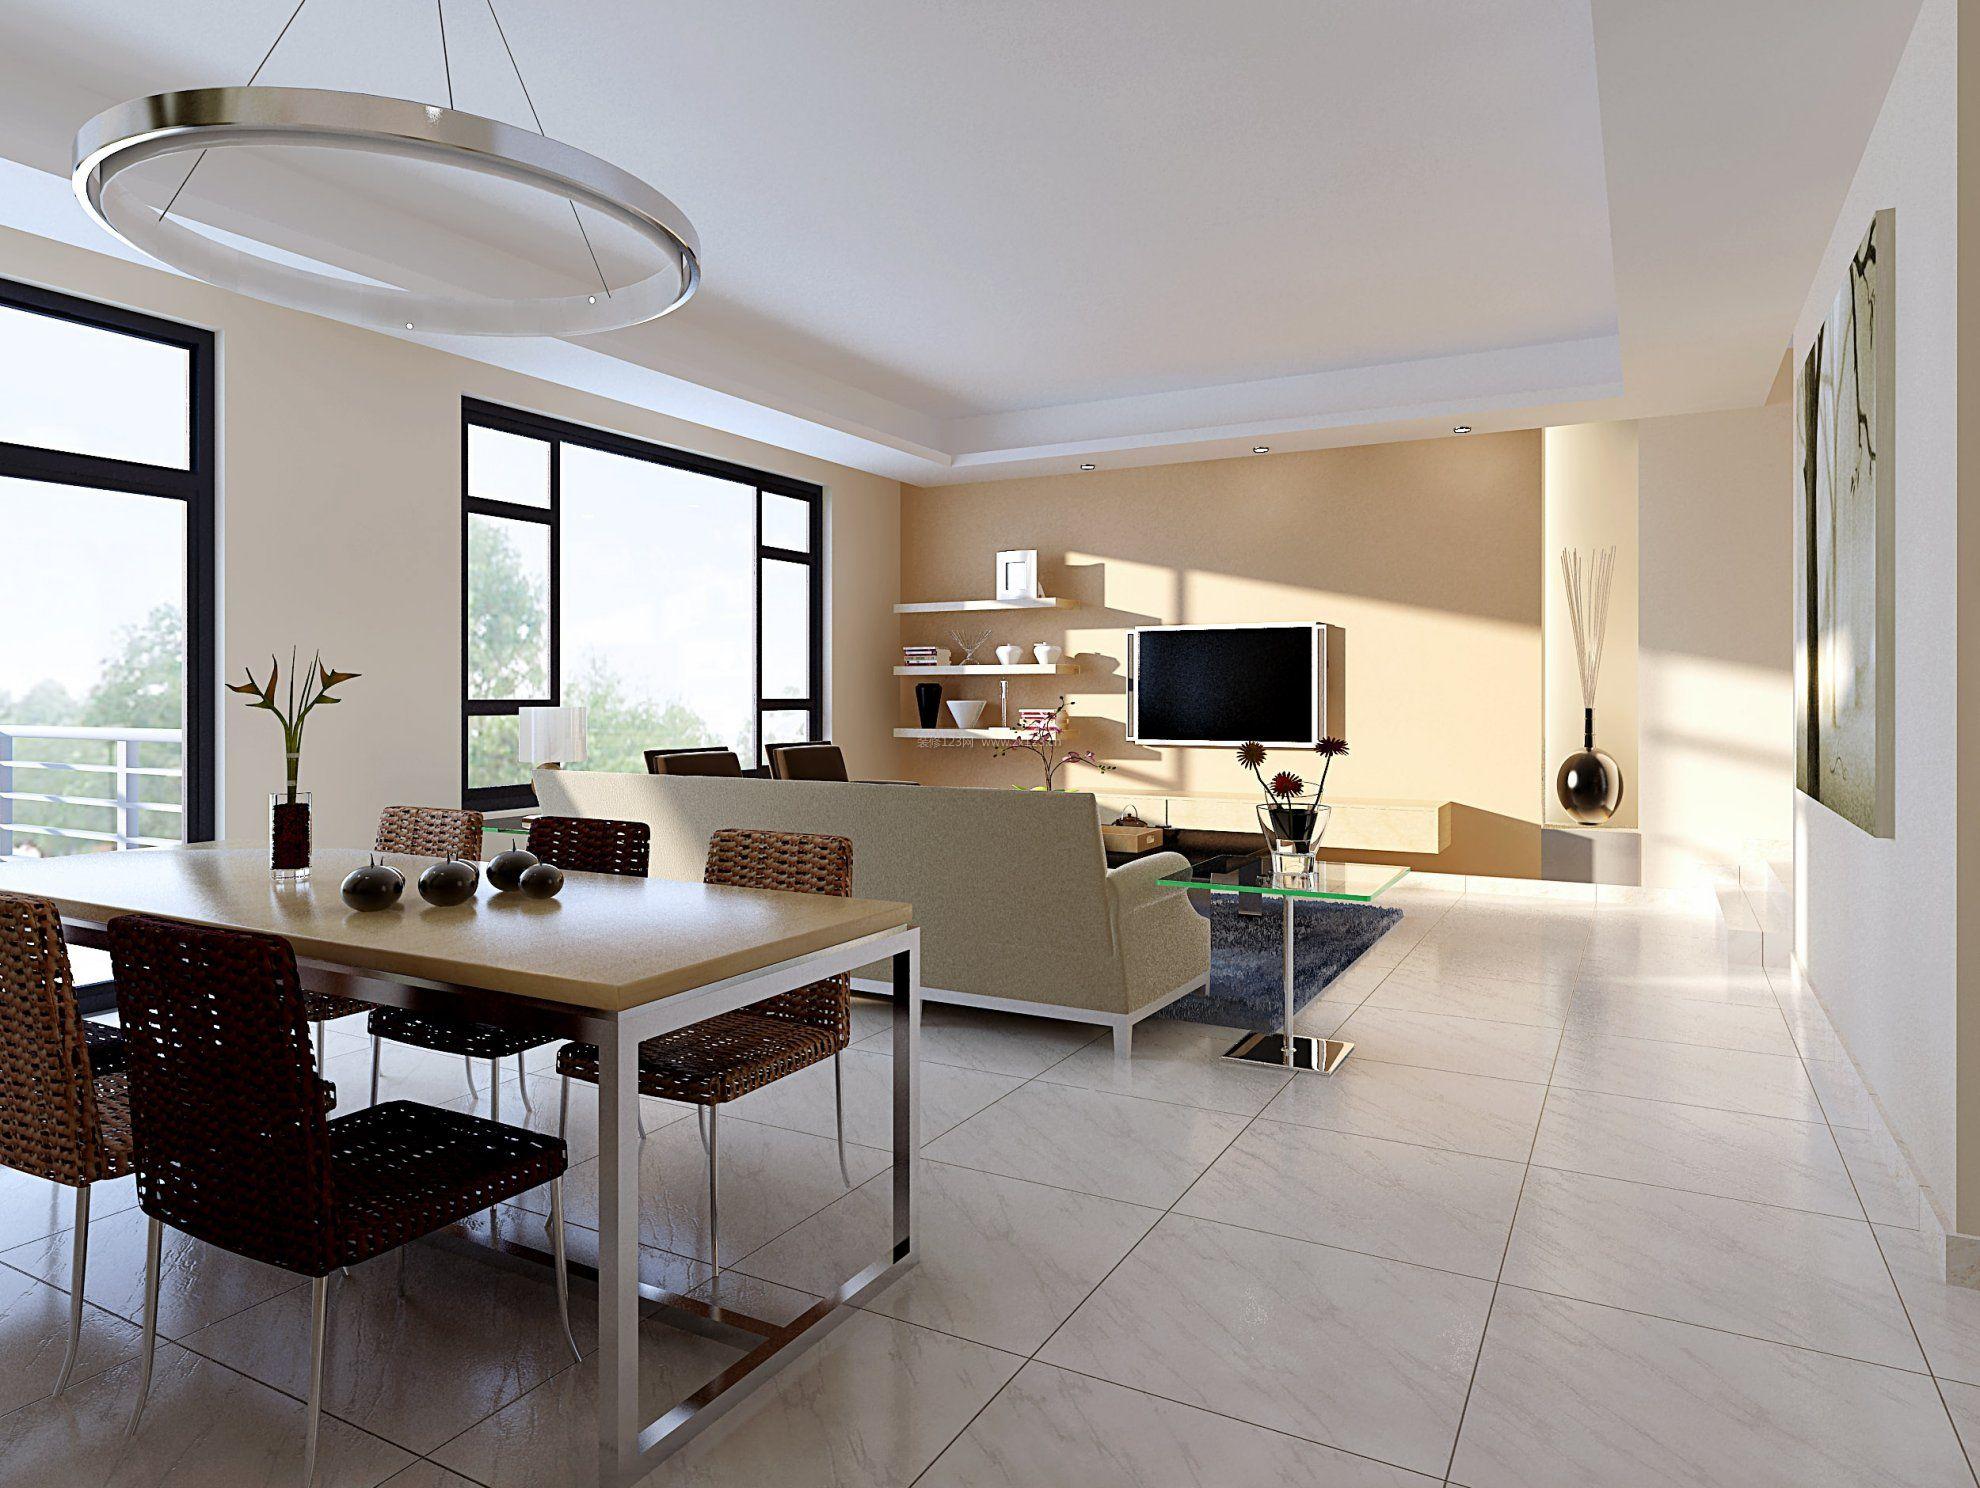 2017简约风格室内二居客厅装修效果图_装修123效果图